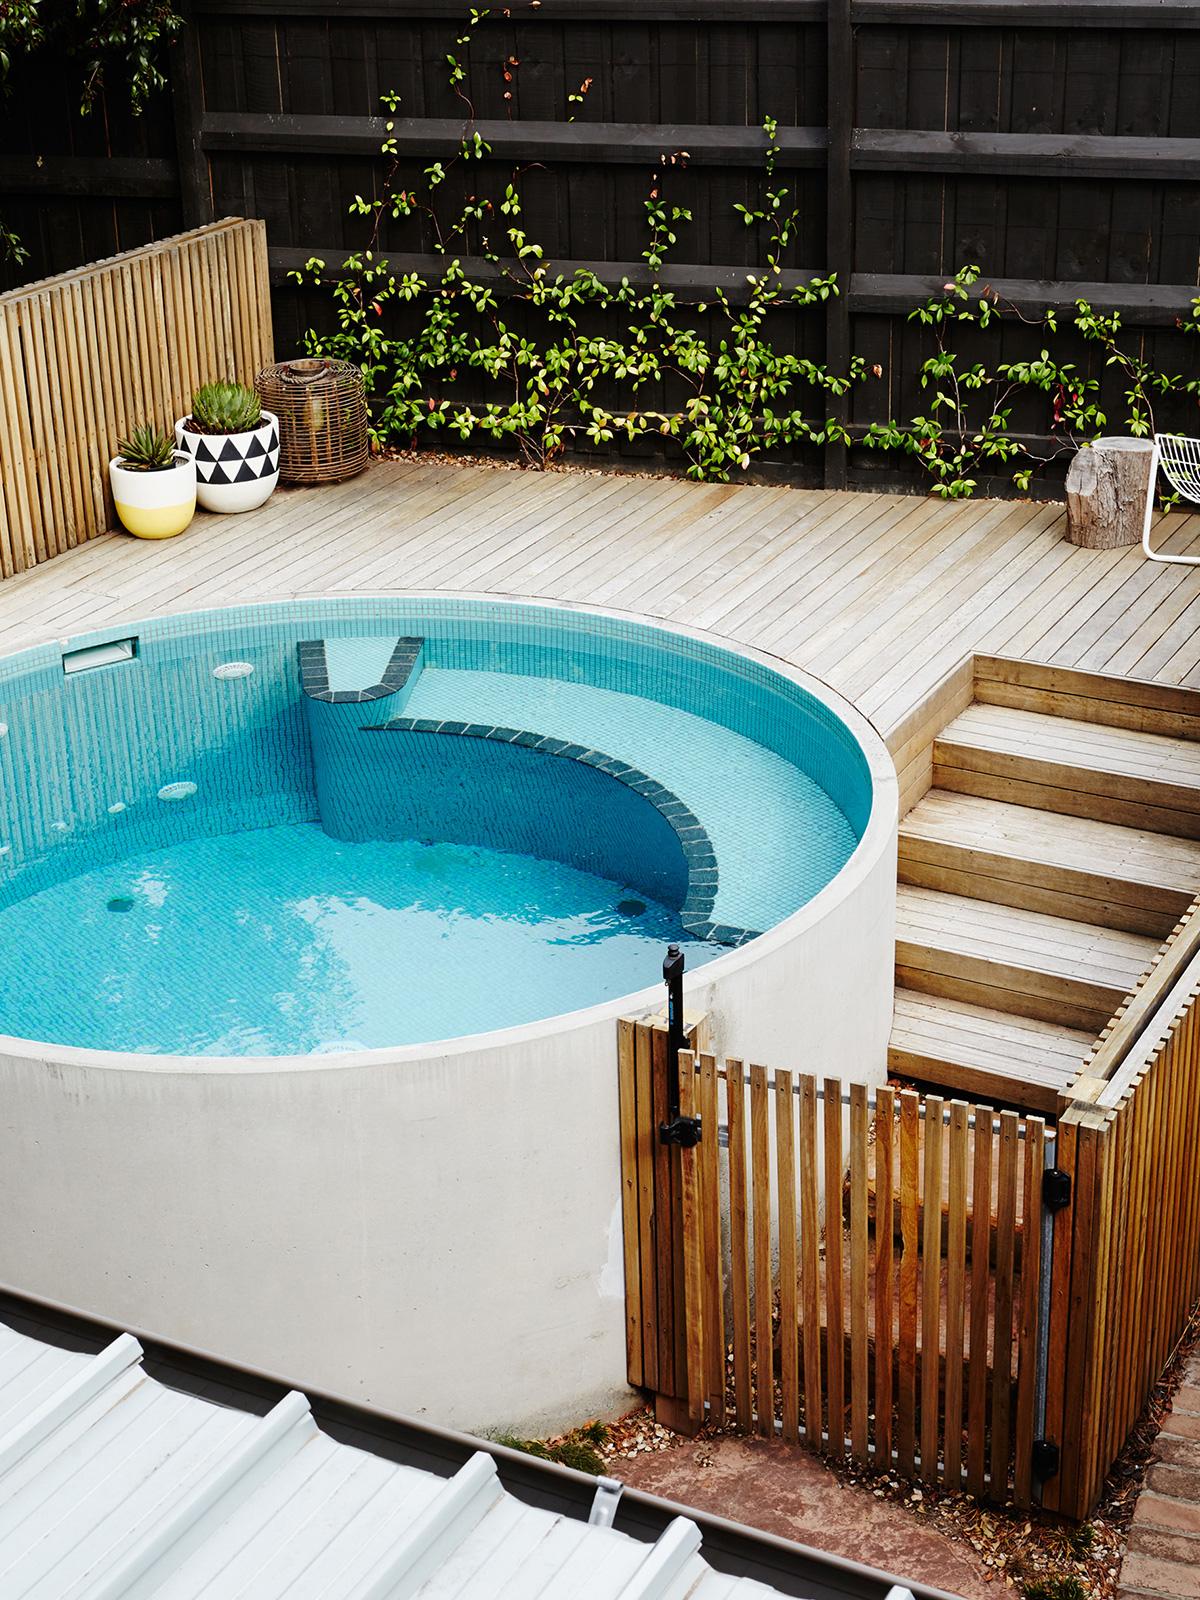 Quintal pequeno com piscina redonda elevada e portão para evitar a entrada de crianças